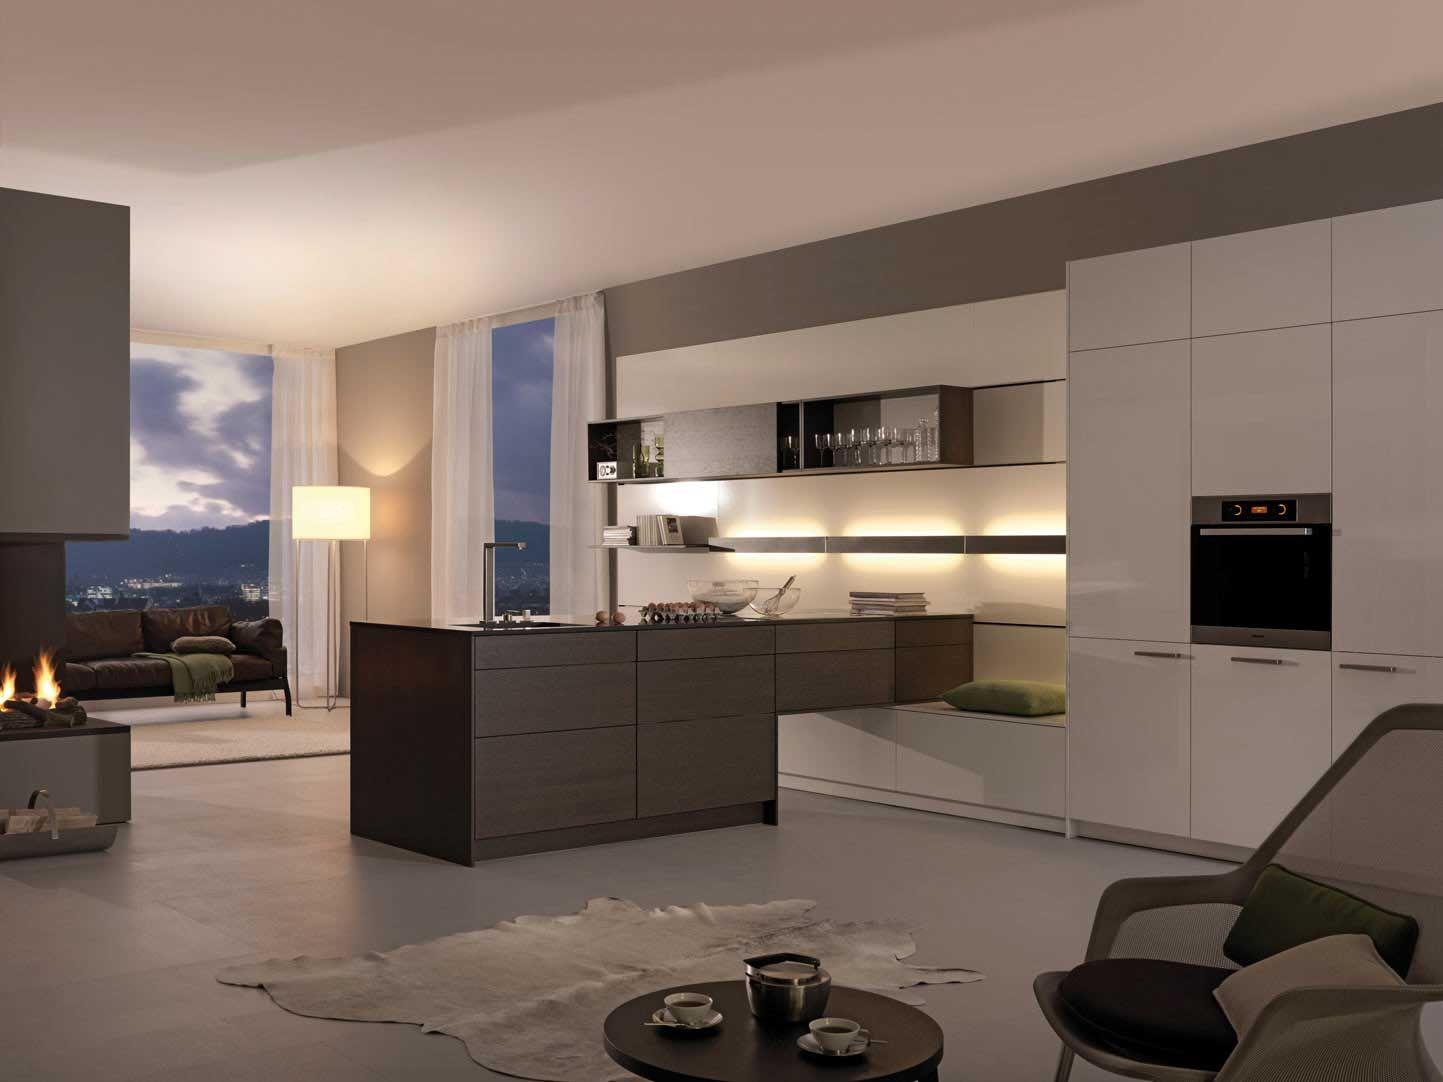 Best Luna Topos Leicht Kitchen For Modren Apartment Grey 400 x 300